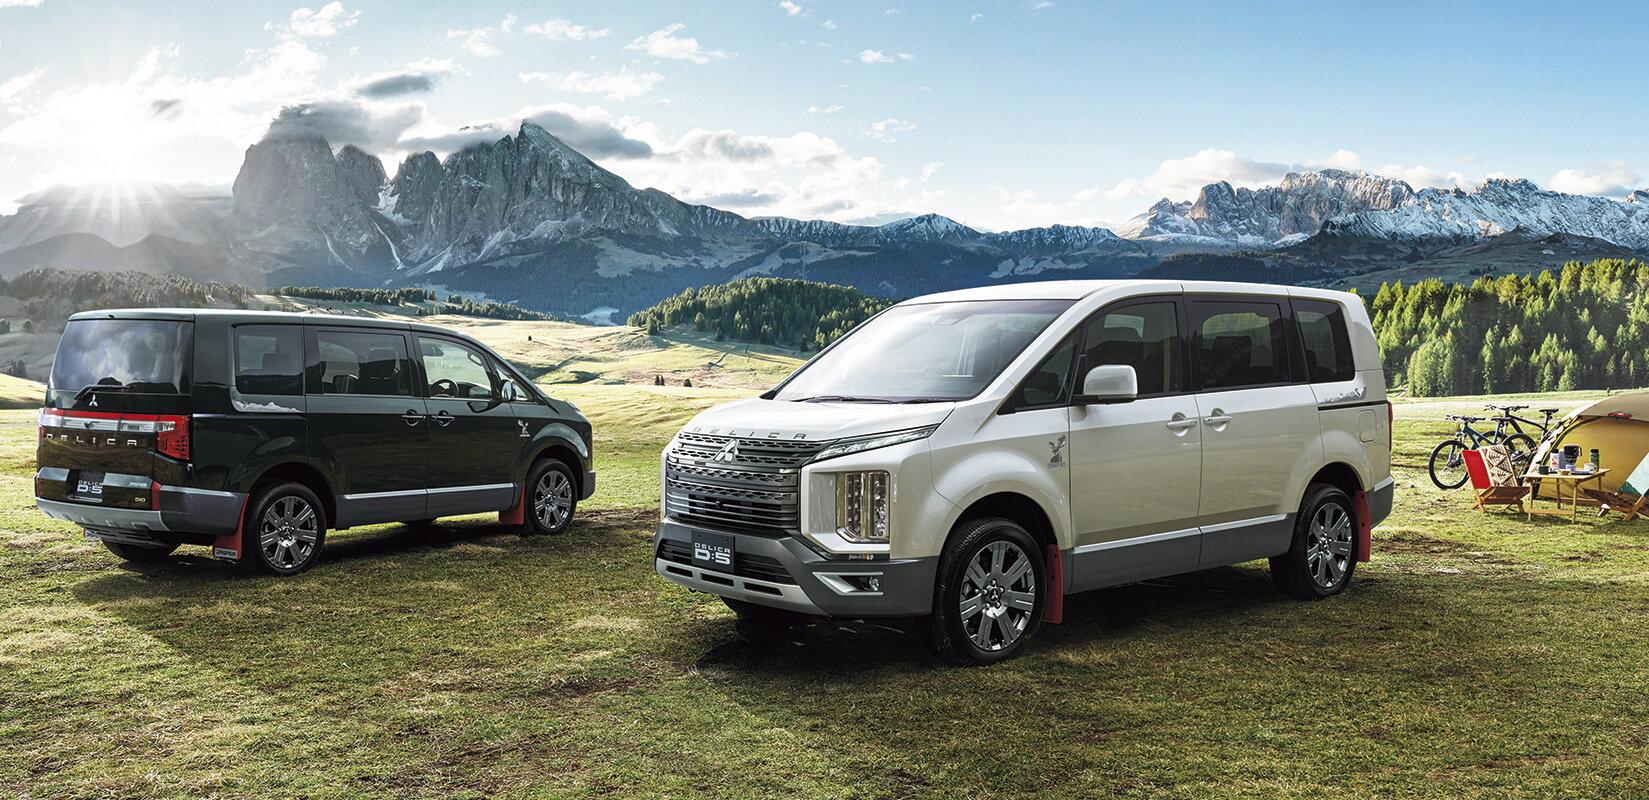 三菱汽车对Delica D进行更新,舒适性和安全性得到提升